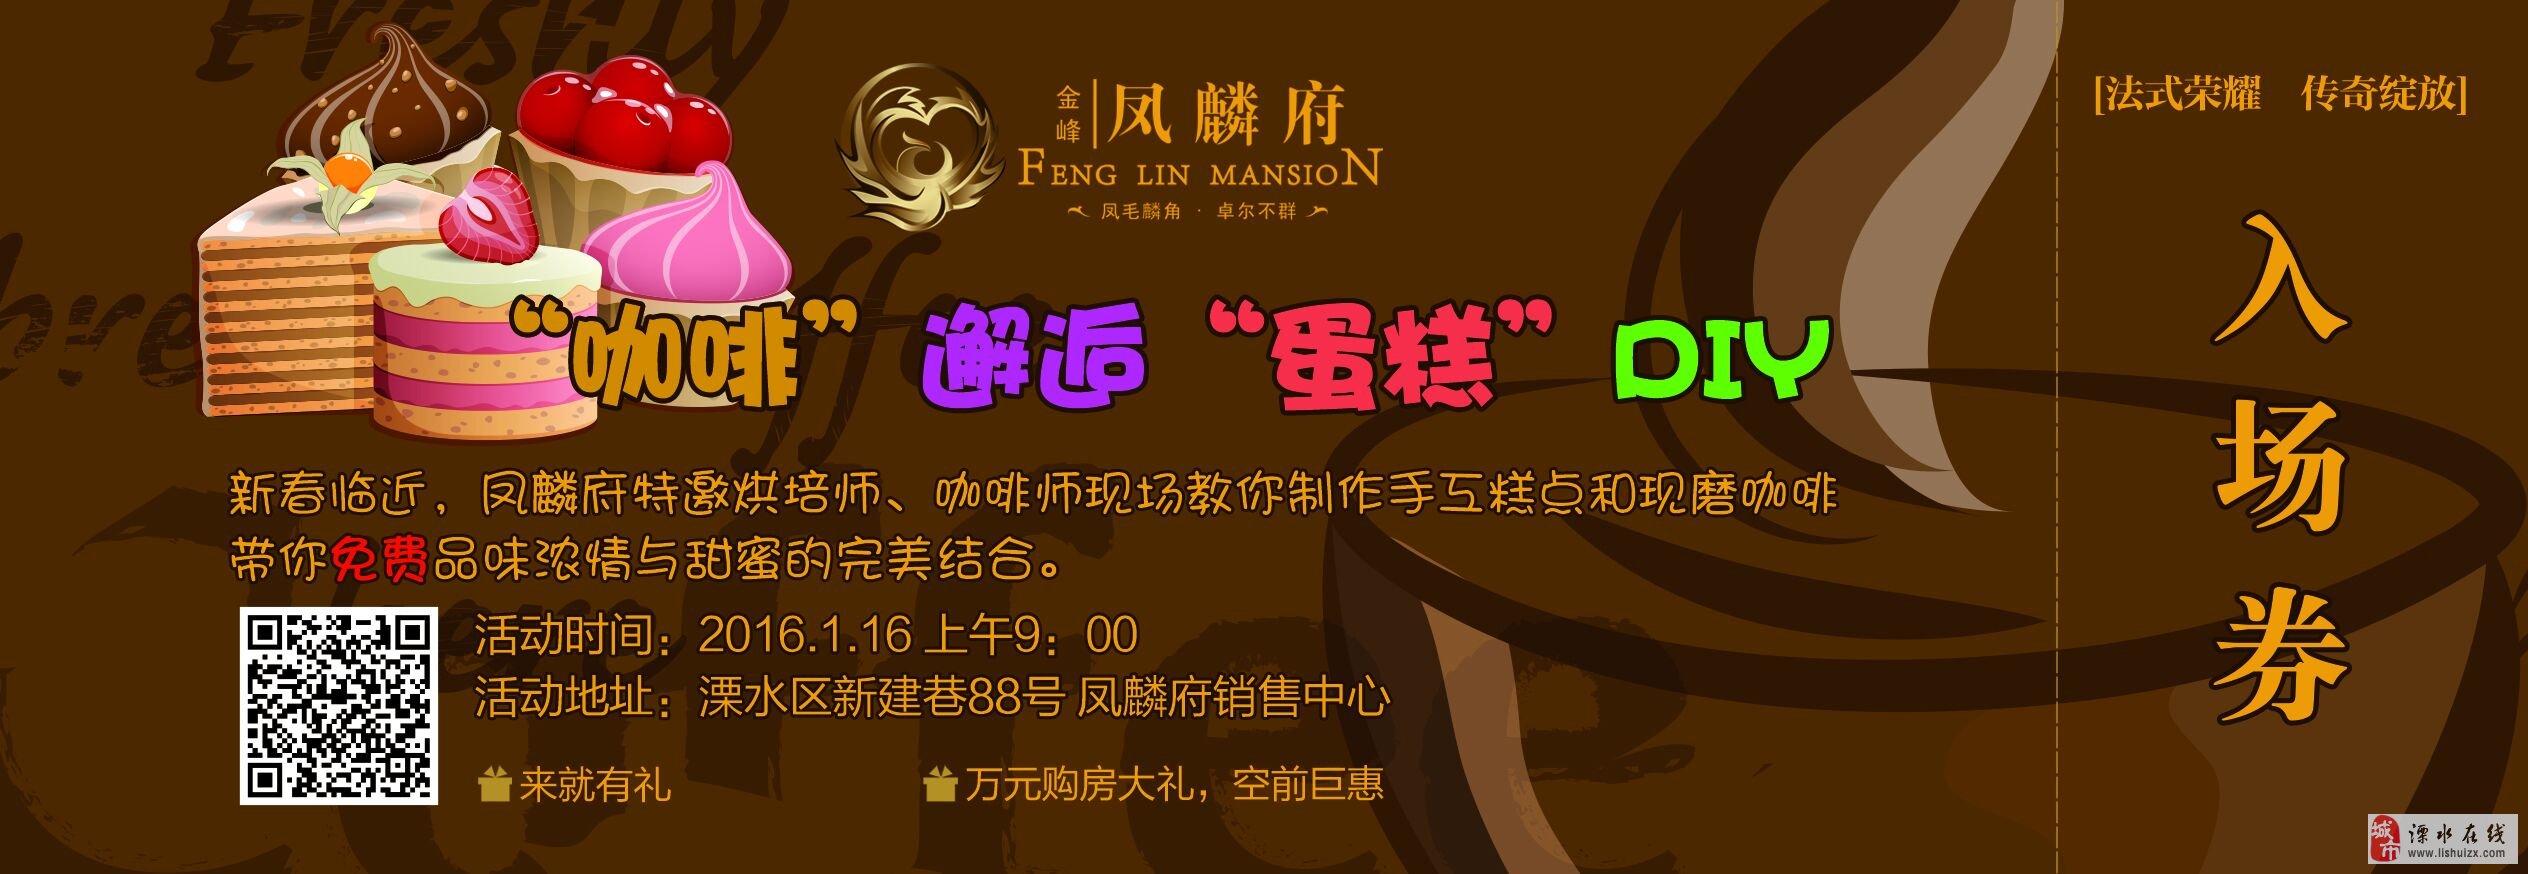 1月16日上午9:00,溧水金峰・�P麟府邀您共品咖啡蛋糕